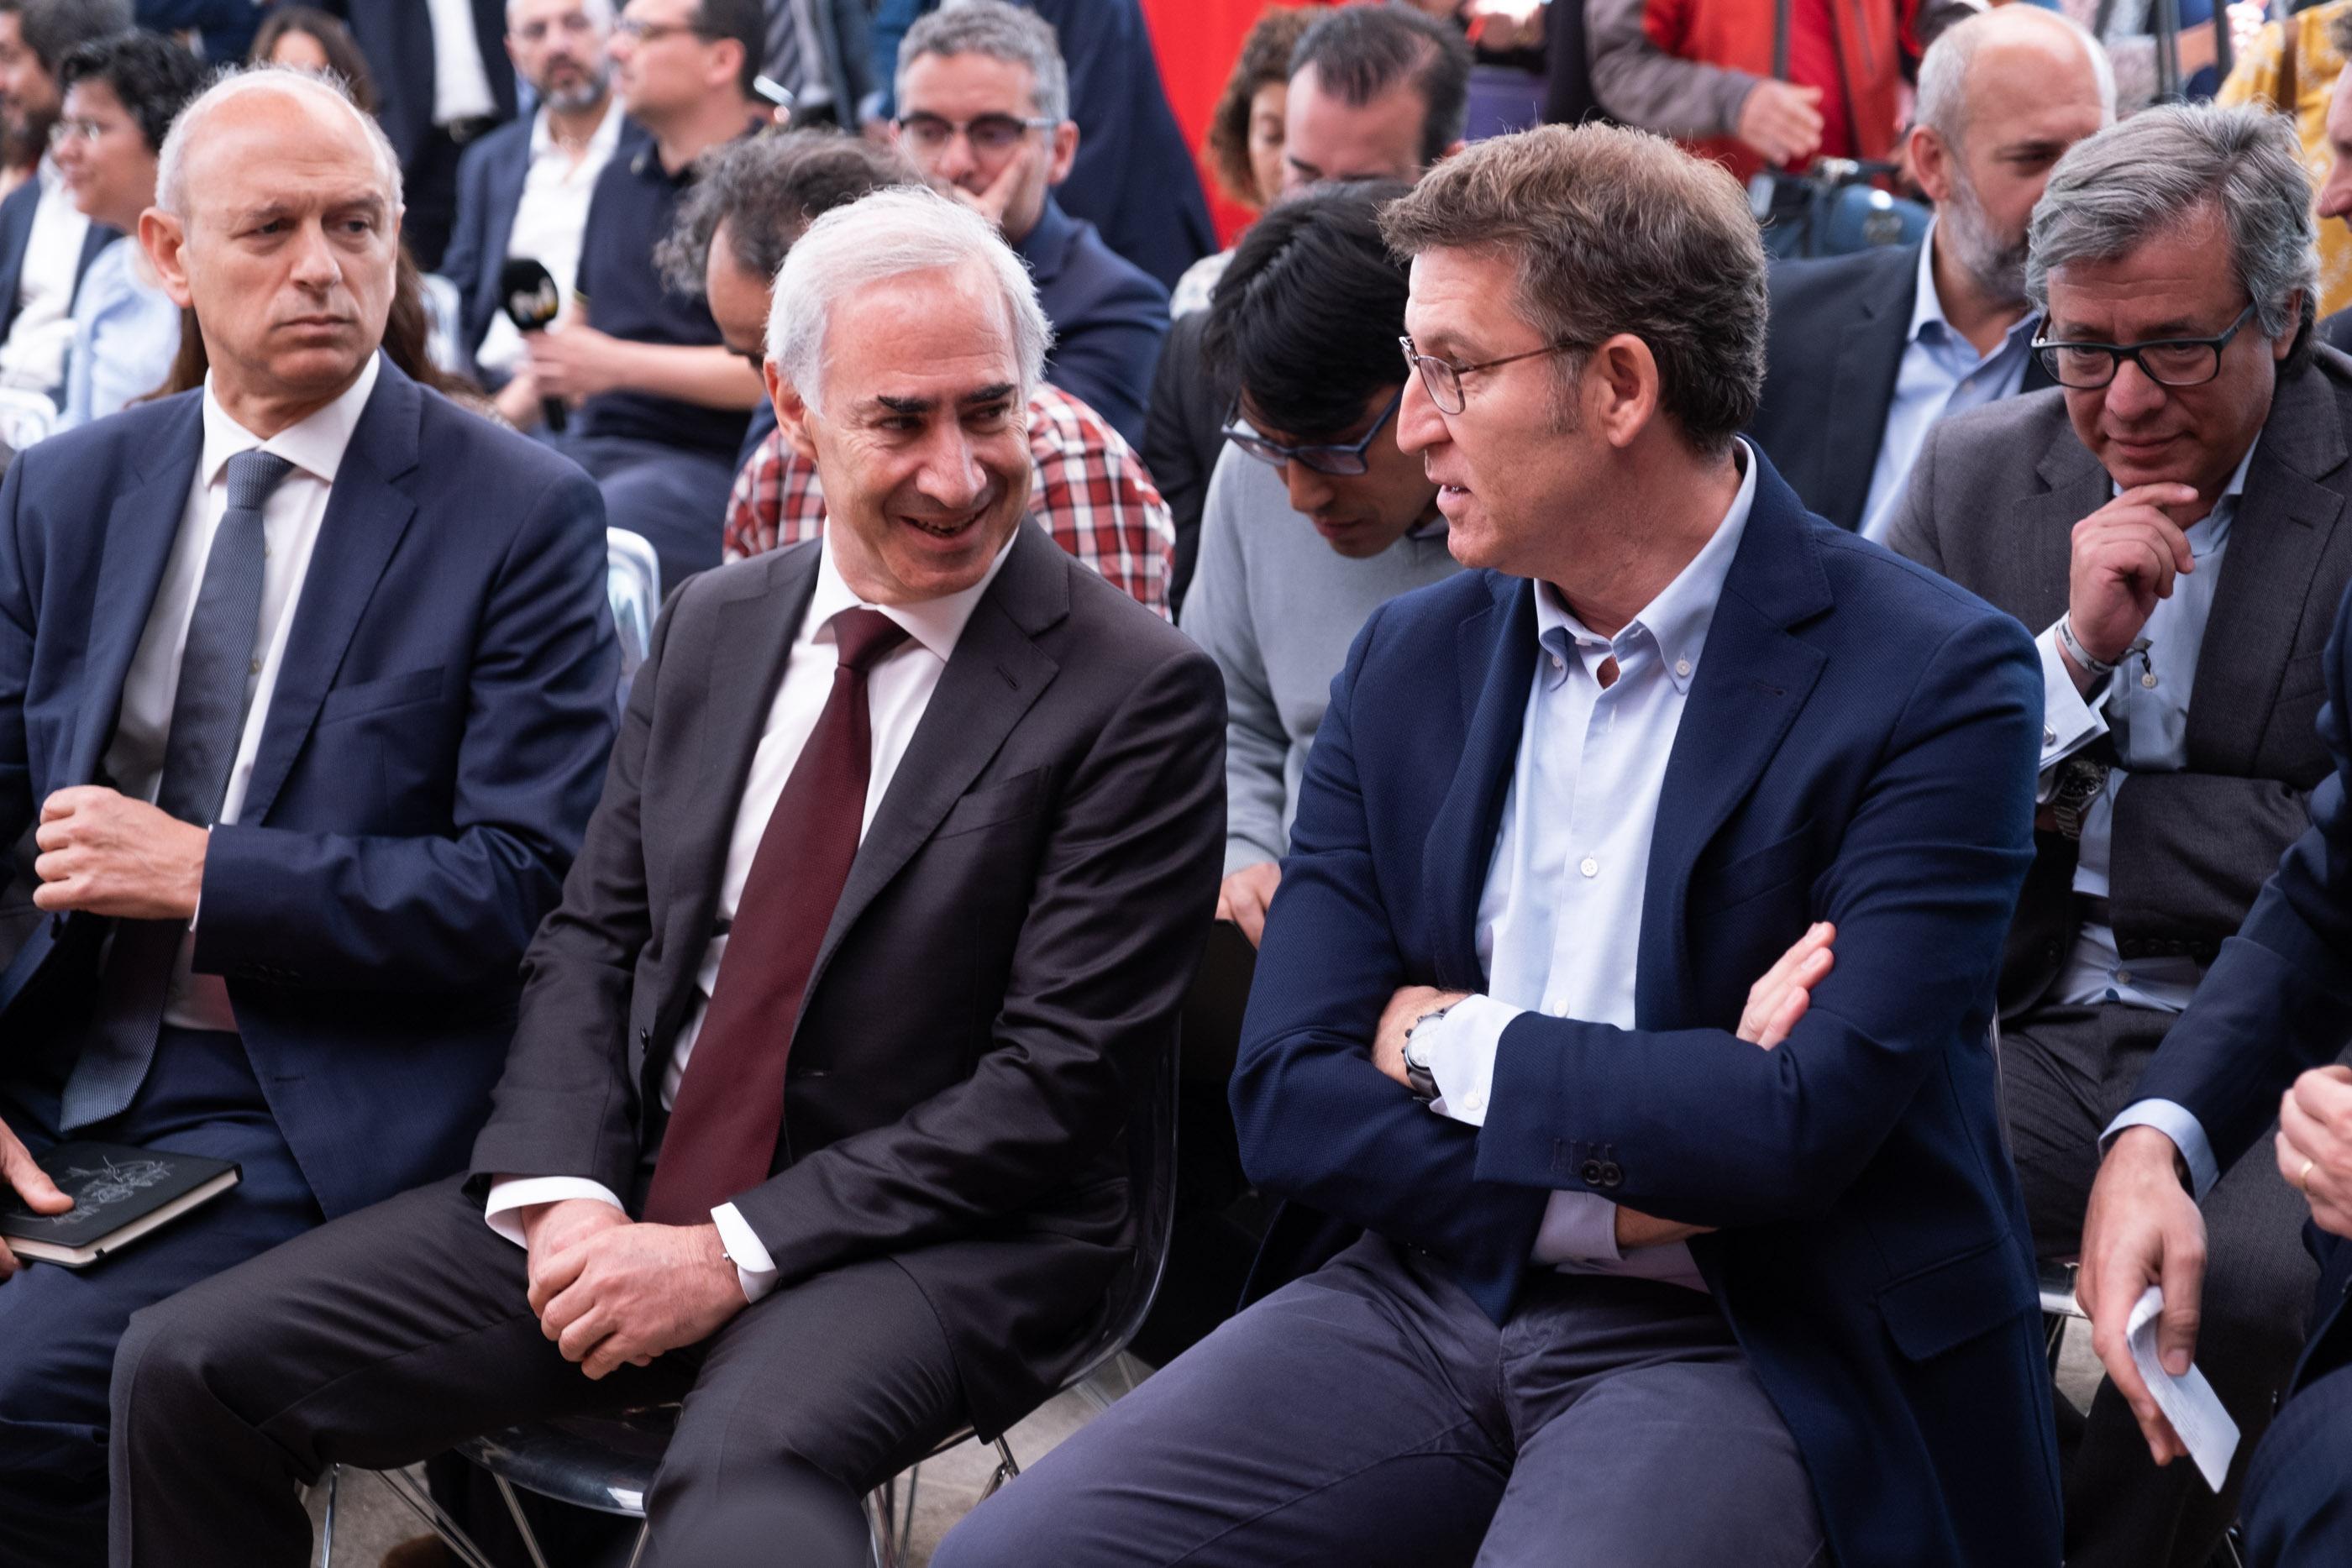 O presidente da Xunta asistiu esta mañá ao acto celebrado con motivo da primeira conexión 5G Vodafone en mobilidade (roaming) a nivel mundial